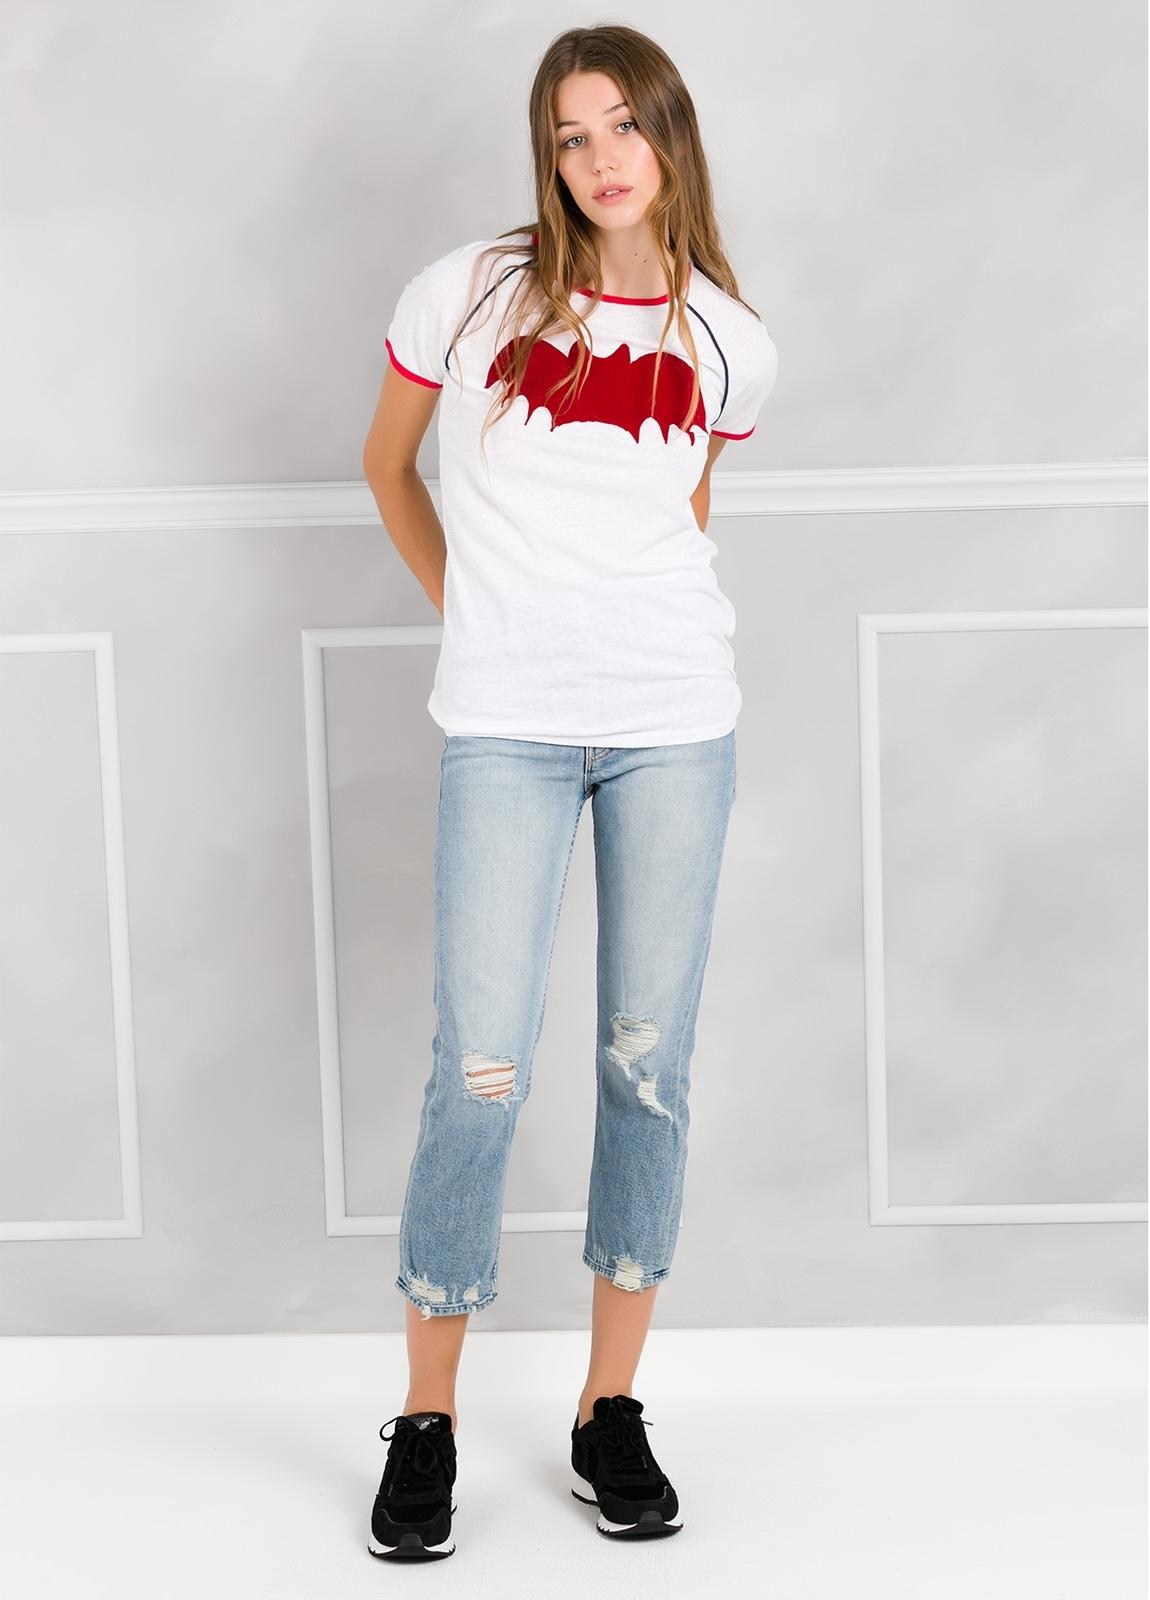 Camiseta manga corta color blanco con motivo gráfico. - Ítem2